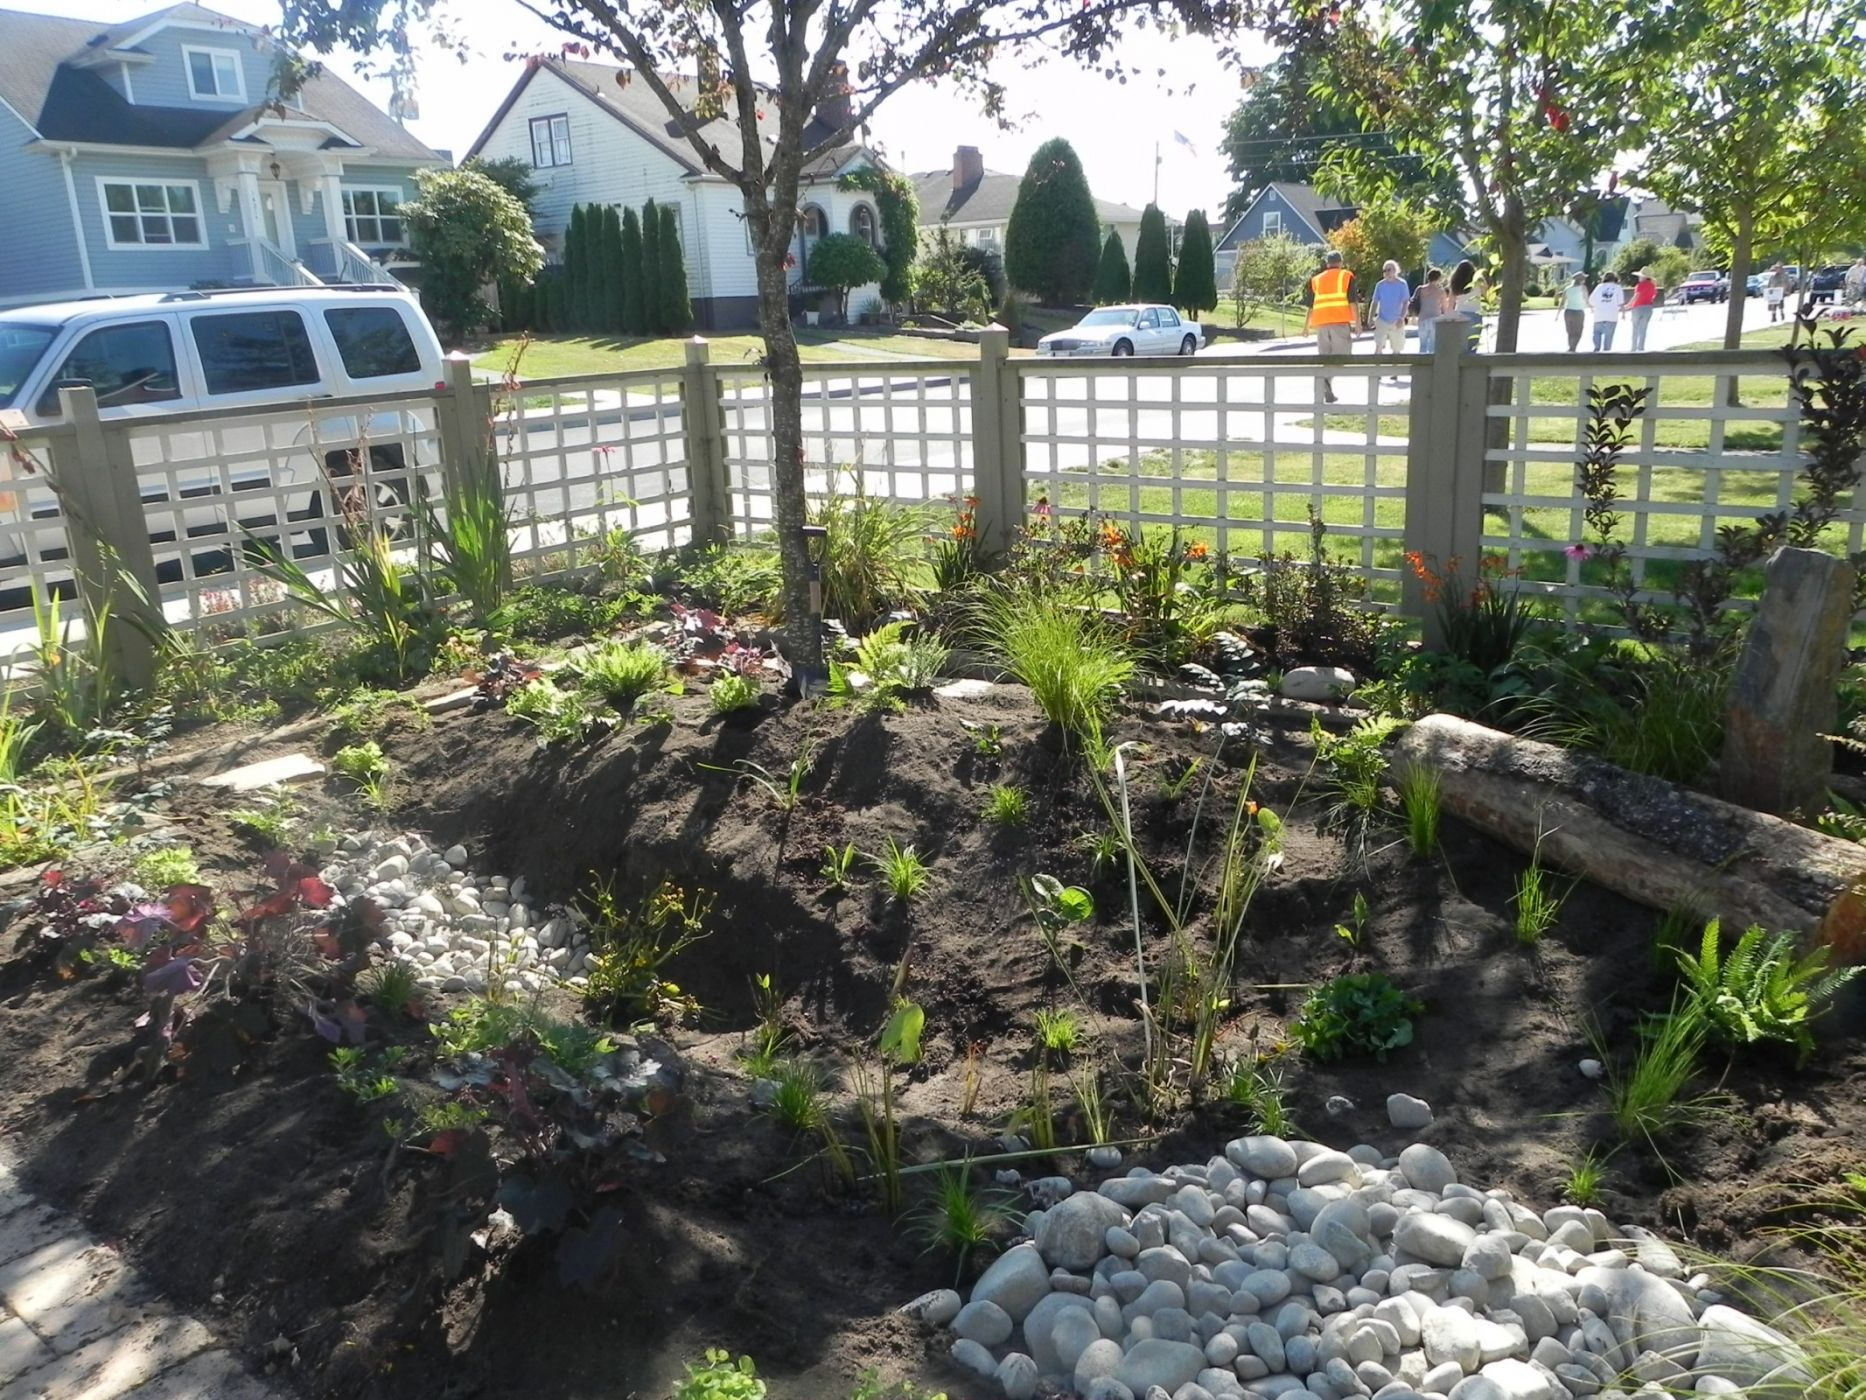 When life gives you rainplant a garden Sublime Garden